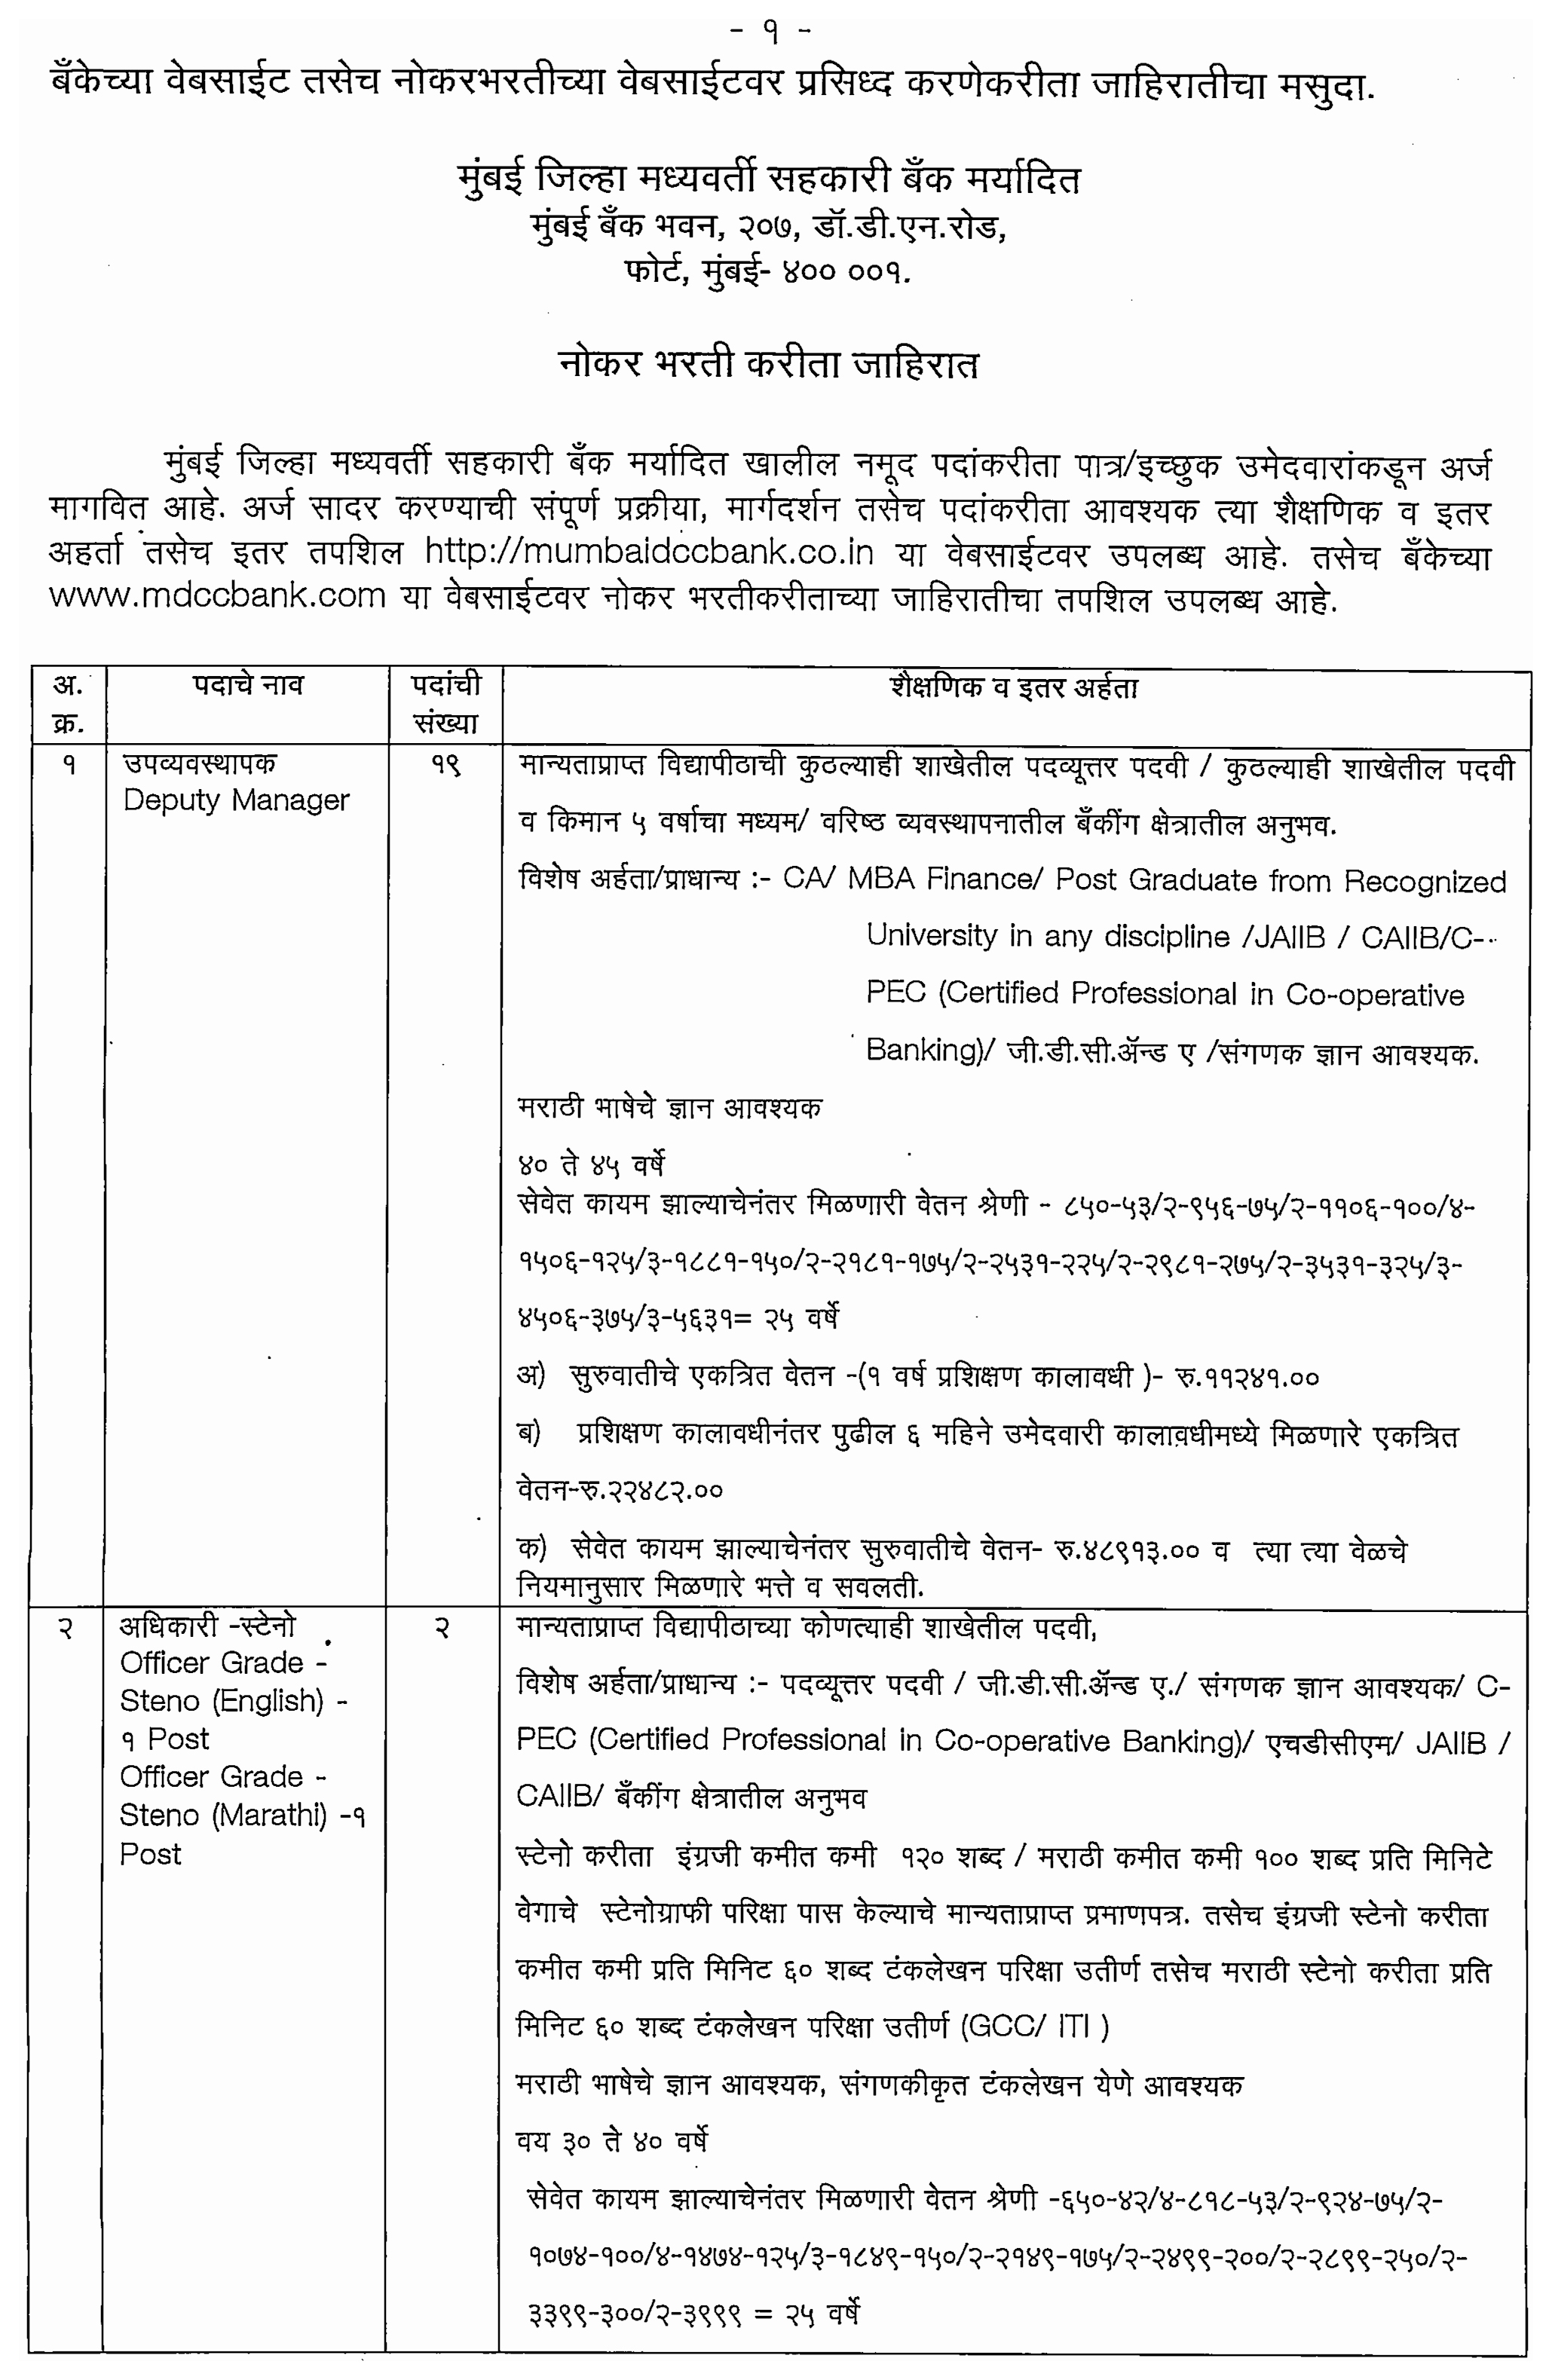 Vacancies at MDCC Bank